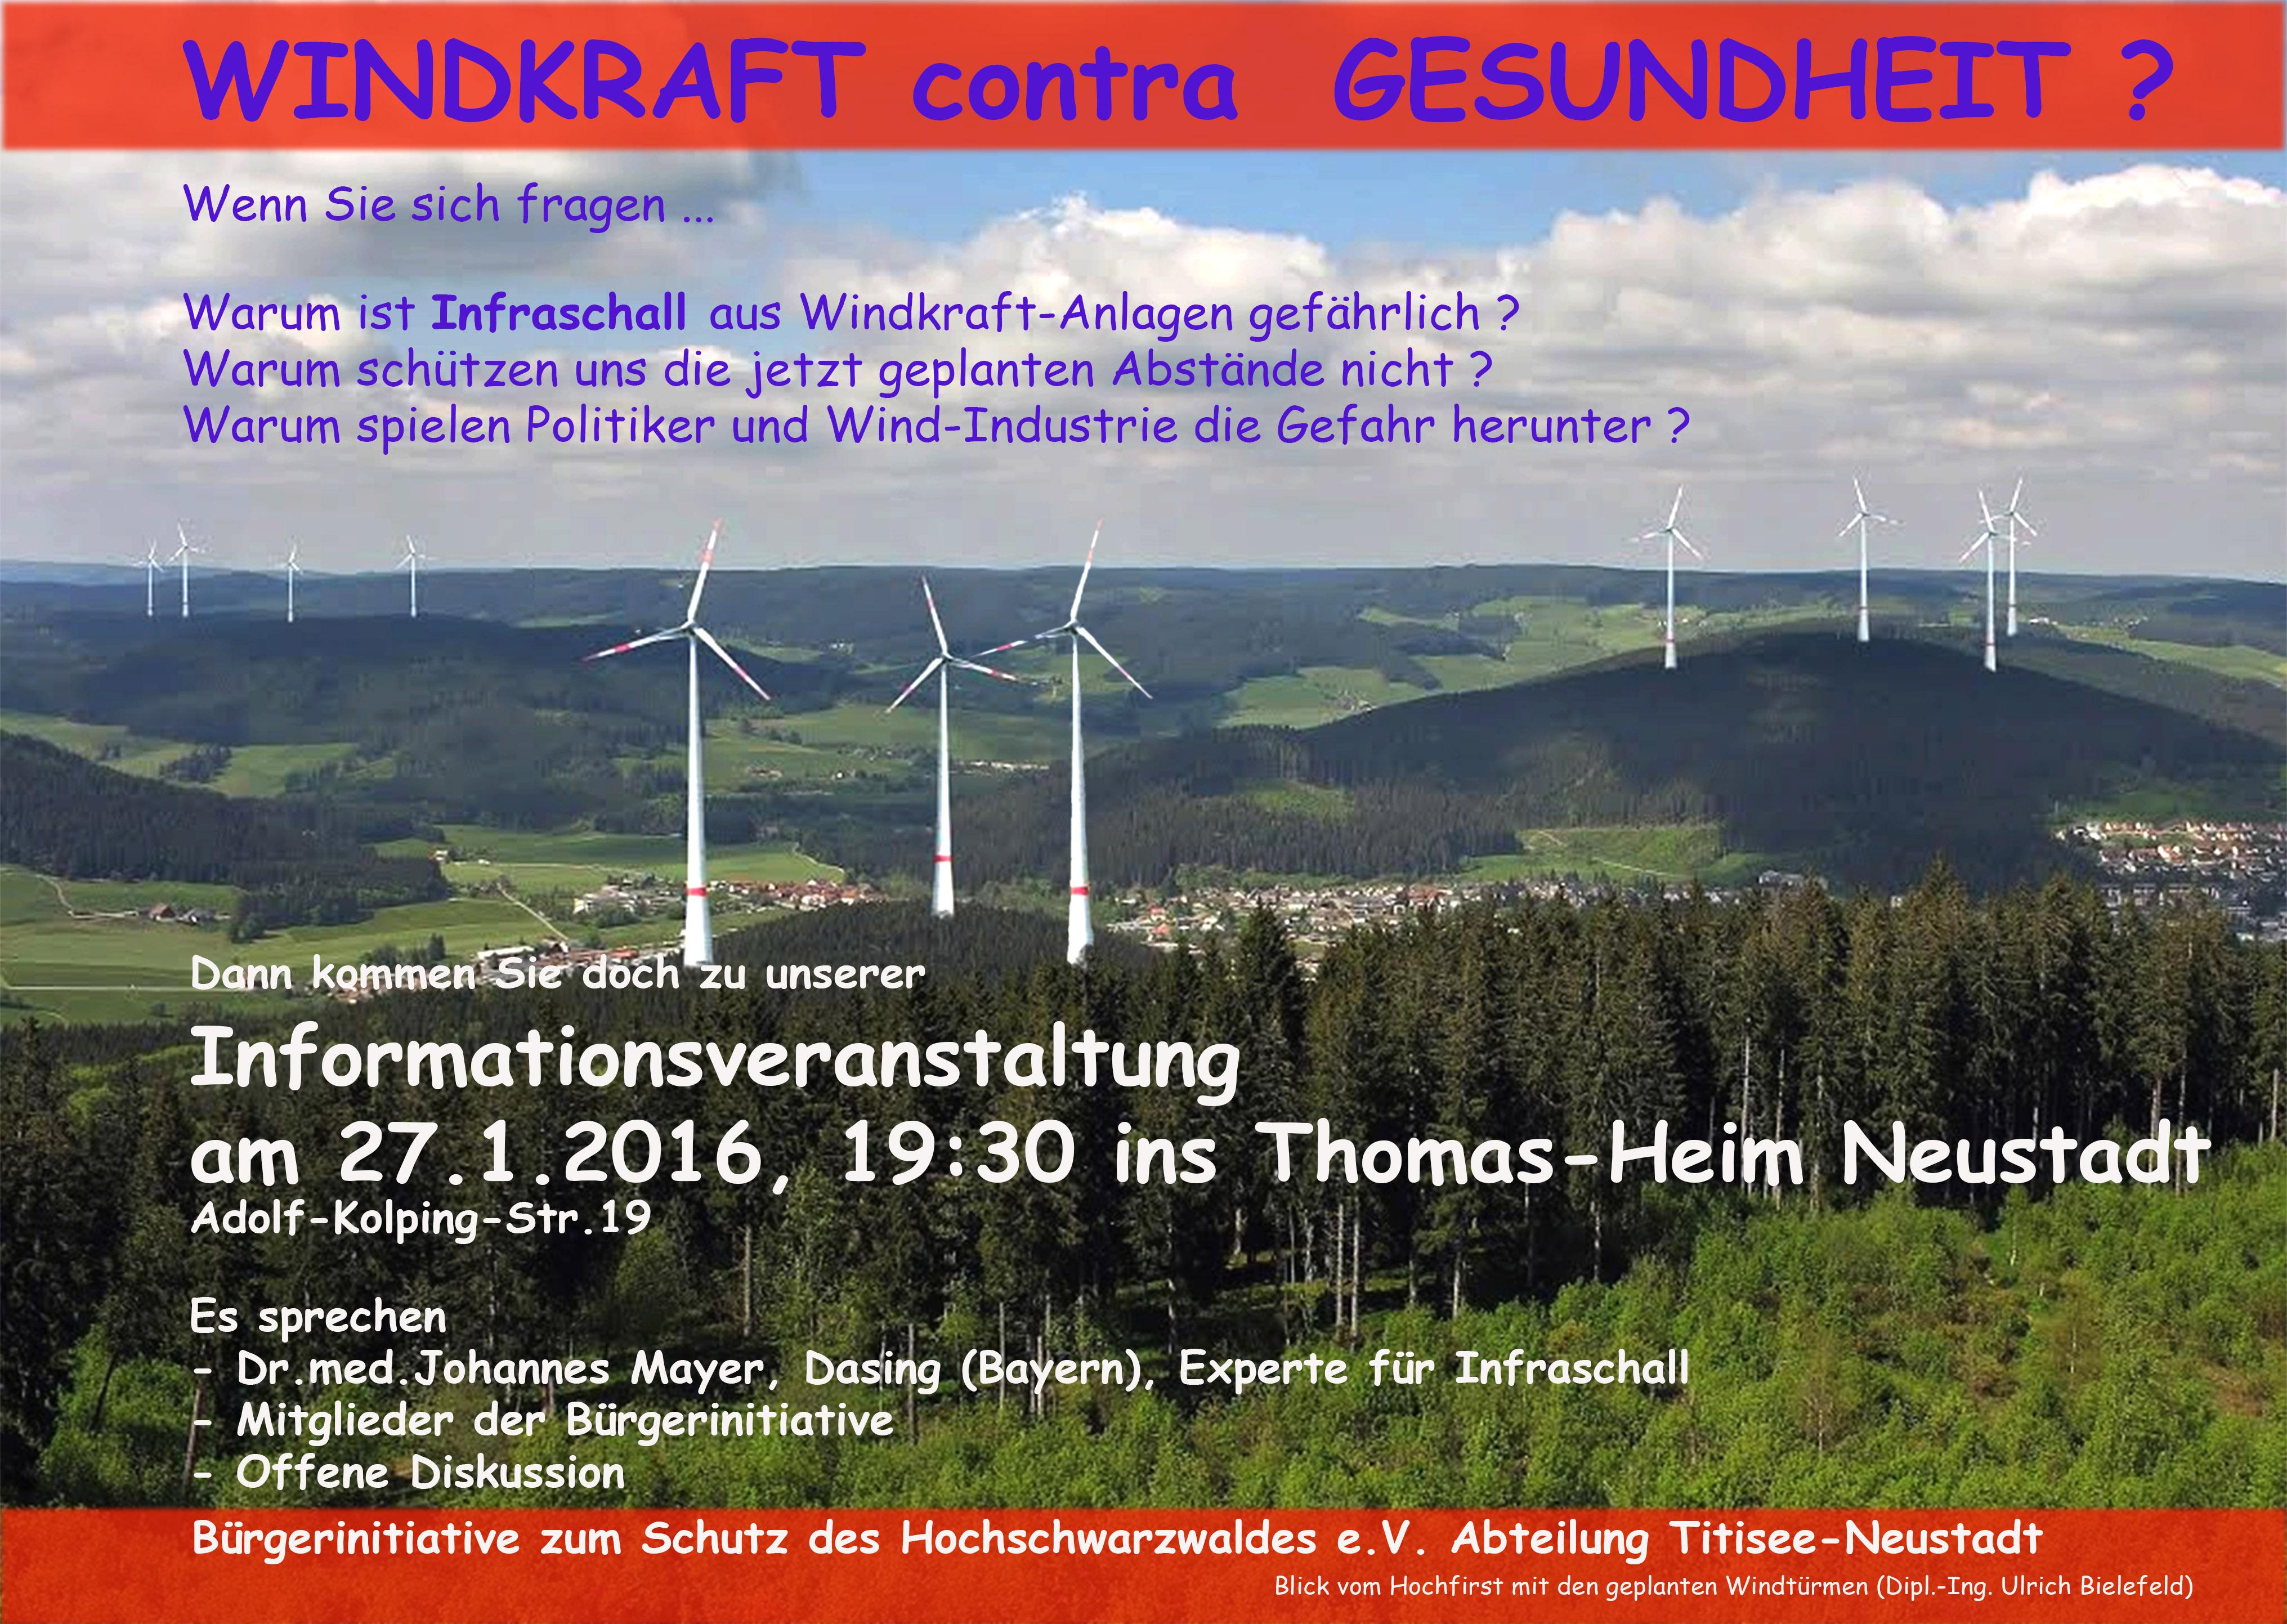 Windkraft gesundheit